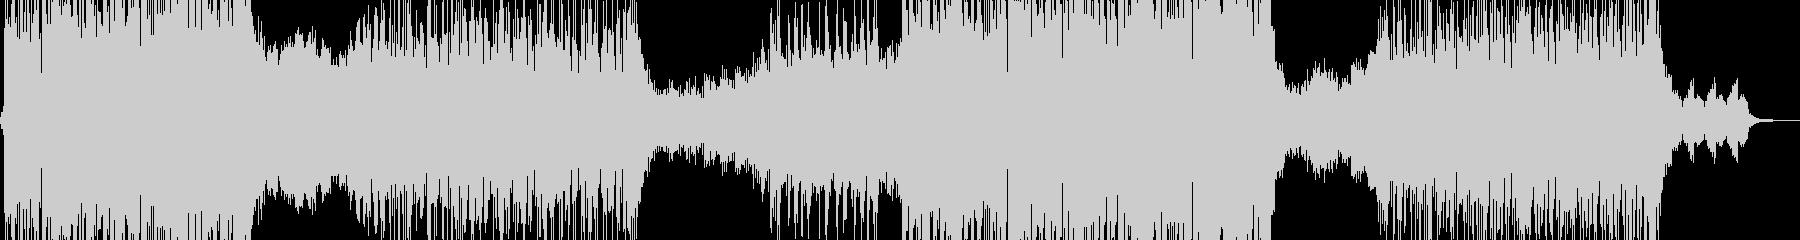 近未来・シックな変拍子R&Bポップ 短尺の未再生の波形